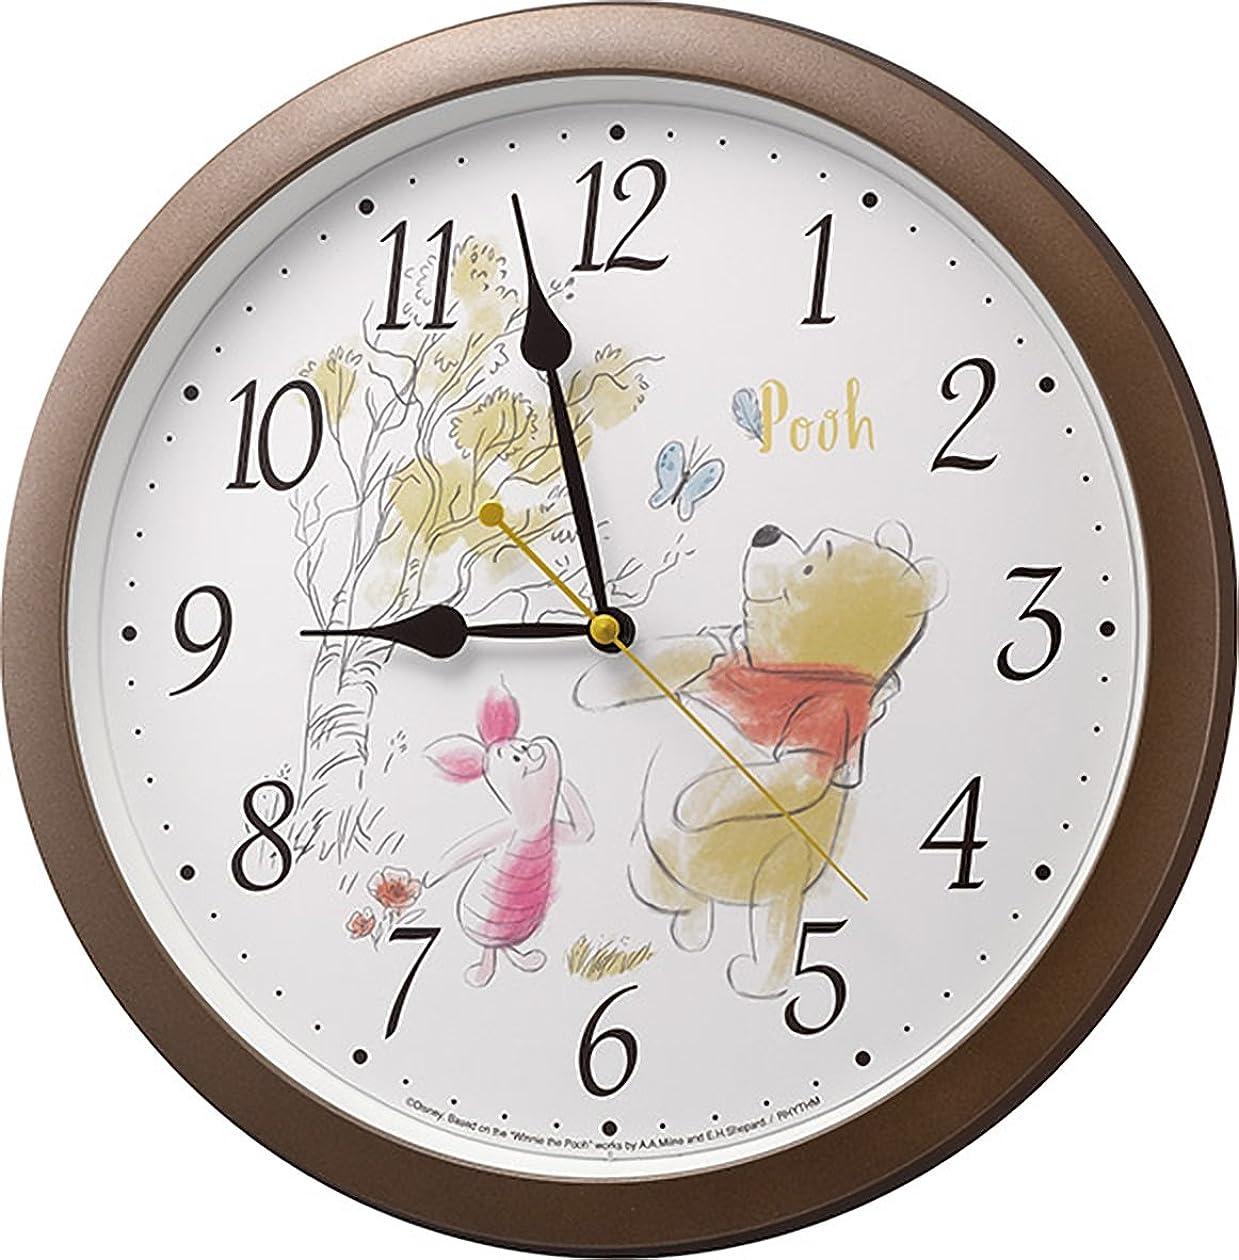 コンセンサス合唱団貴重なDisney (ディズニー) 掛け時計 キャラクター アナログ くまの プーさん Pooh M715 茶 リズム時計 4KG715MC06